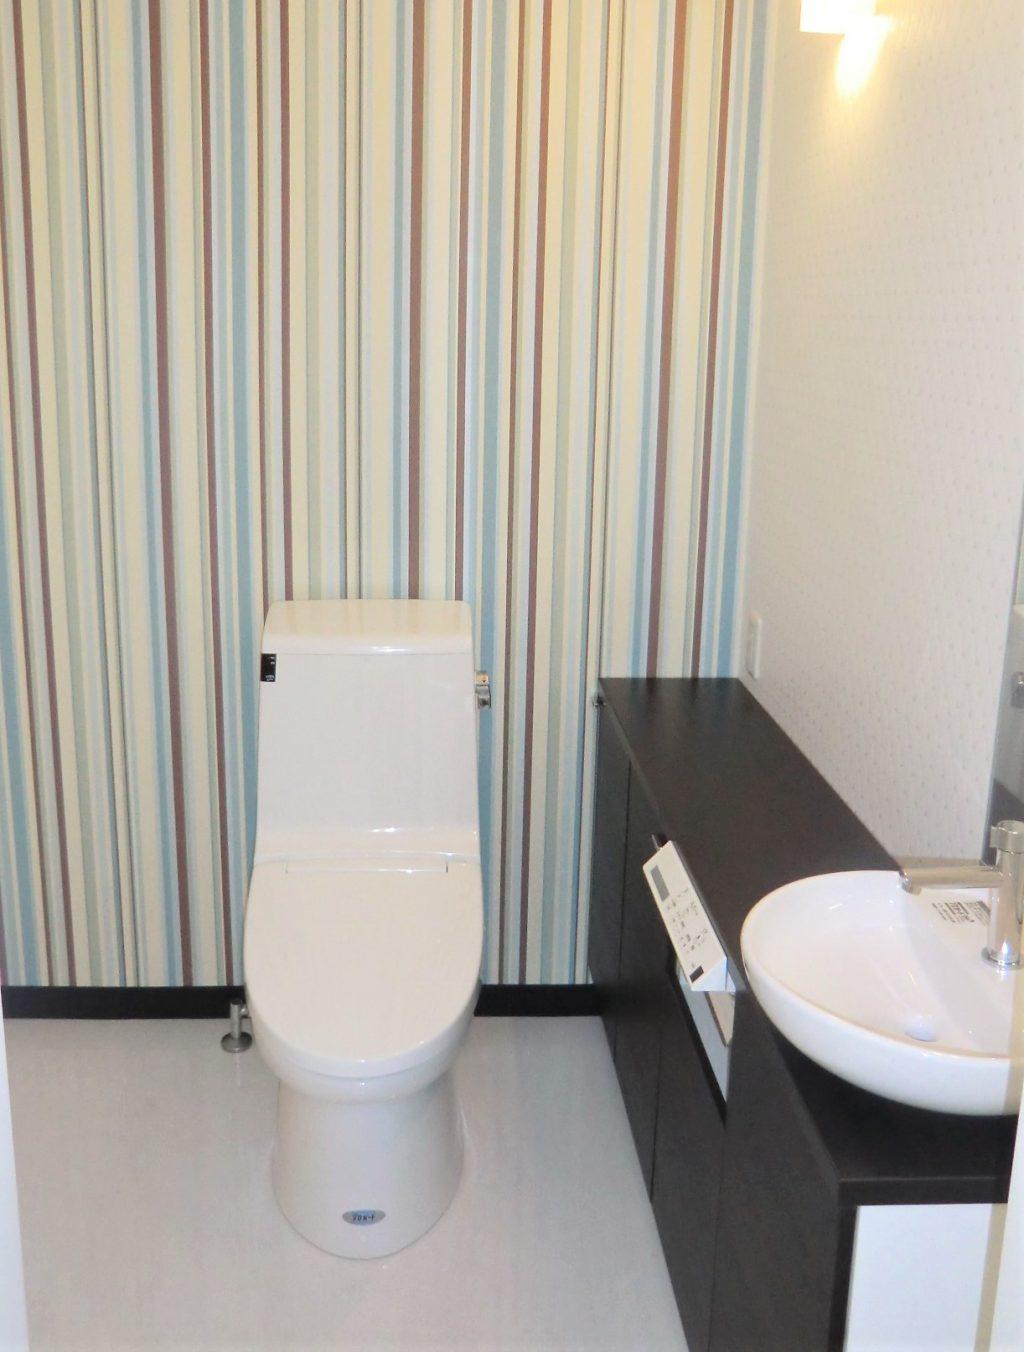 トイレの壁紙は ちょっと冒険しよう ヤマシナのリフォーム 千葉県鎌ケ谷市 船橋市でリフォームなら